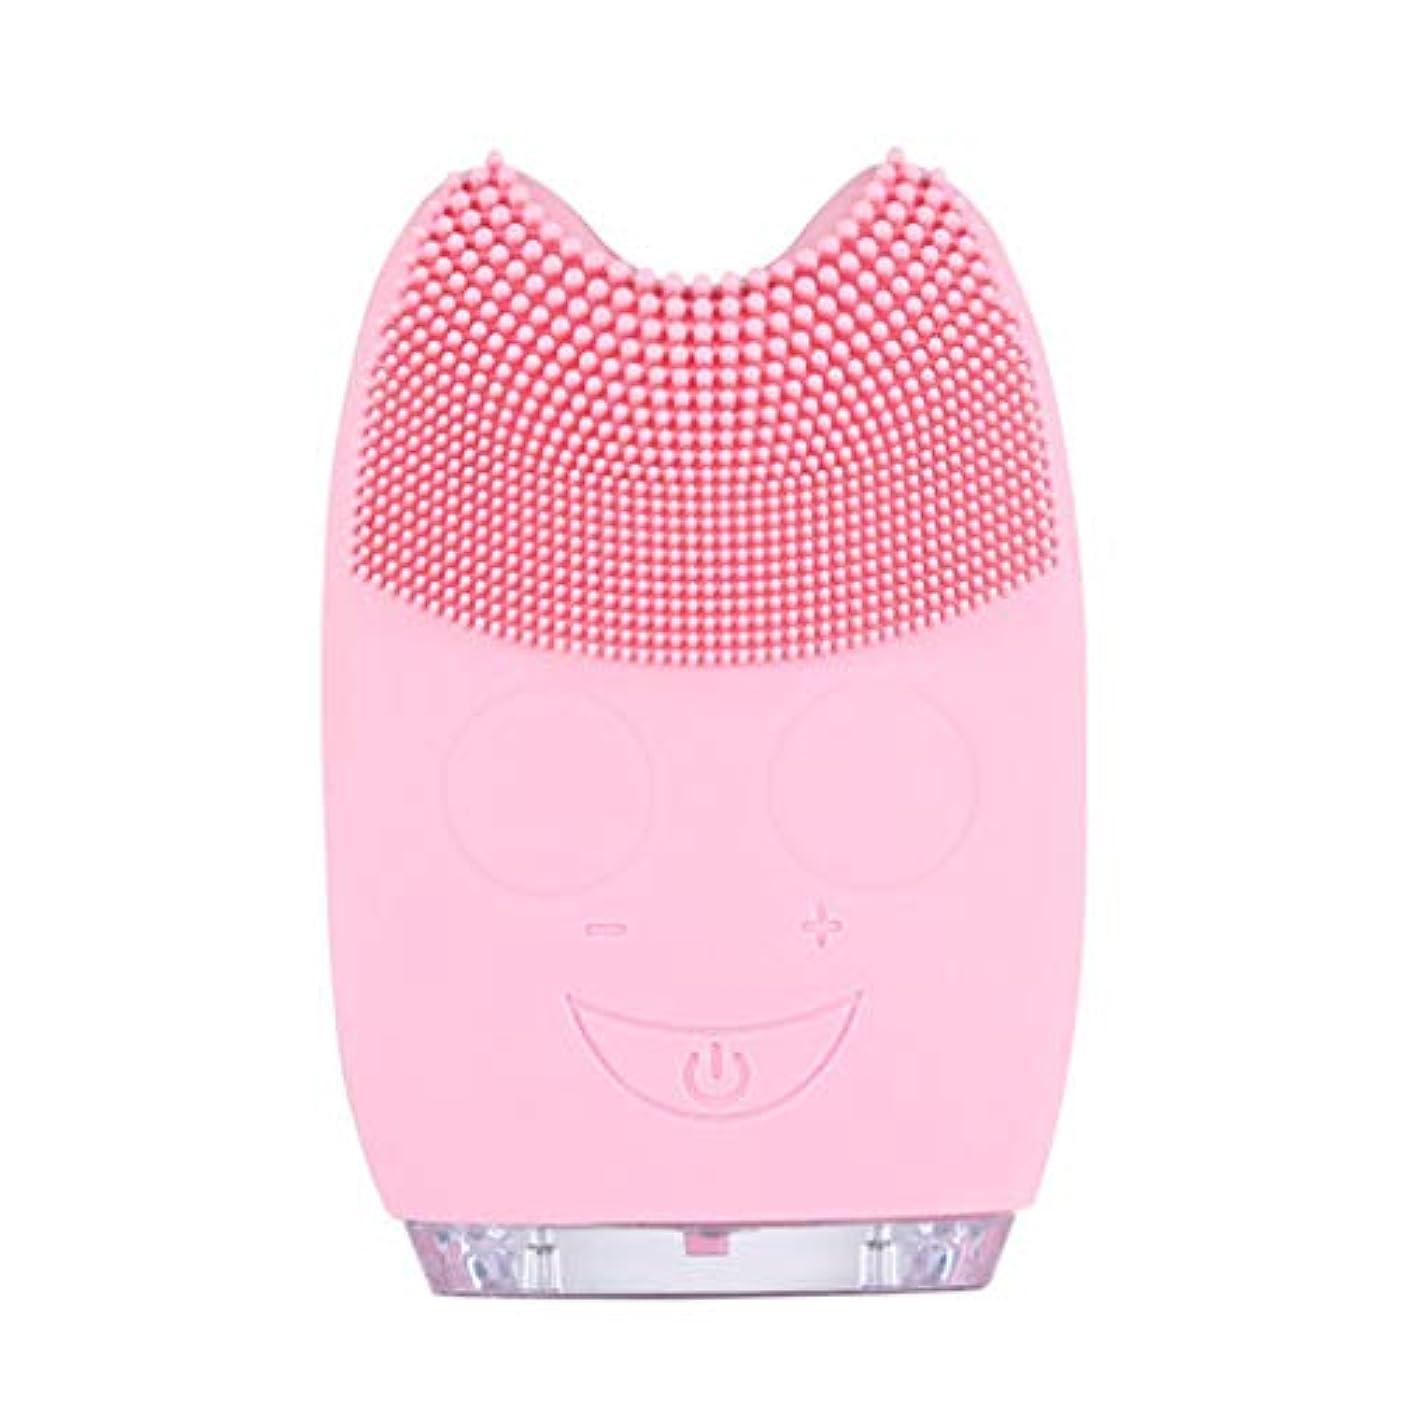 おっとトーン部族Qi フェイシャルクレンザーブラシ、防水ミニ電動マッサージマシンシリコンフェイシャルクレンジングデバイスツール GQ (色 : Pink)